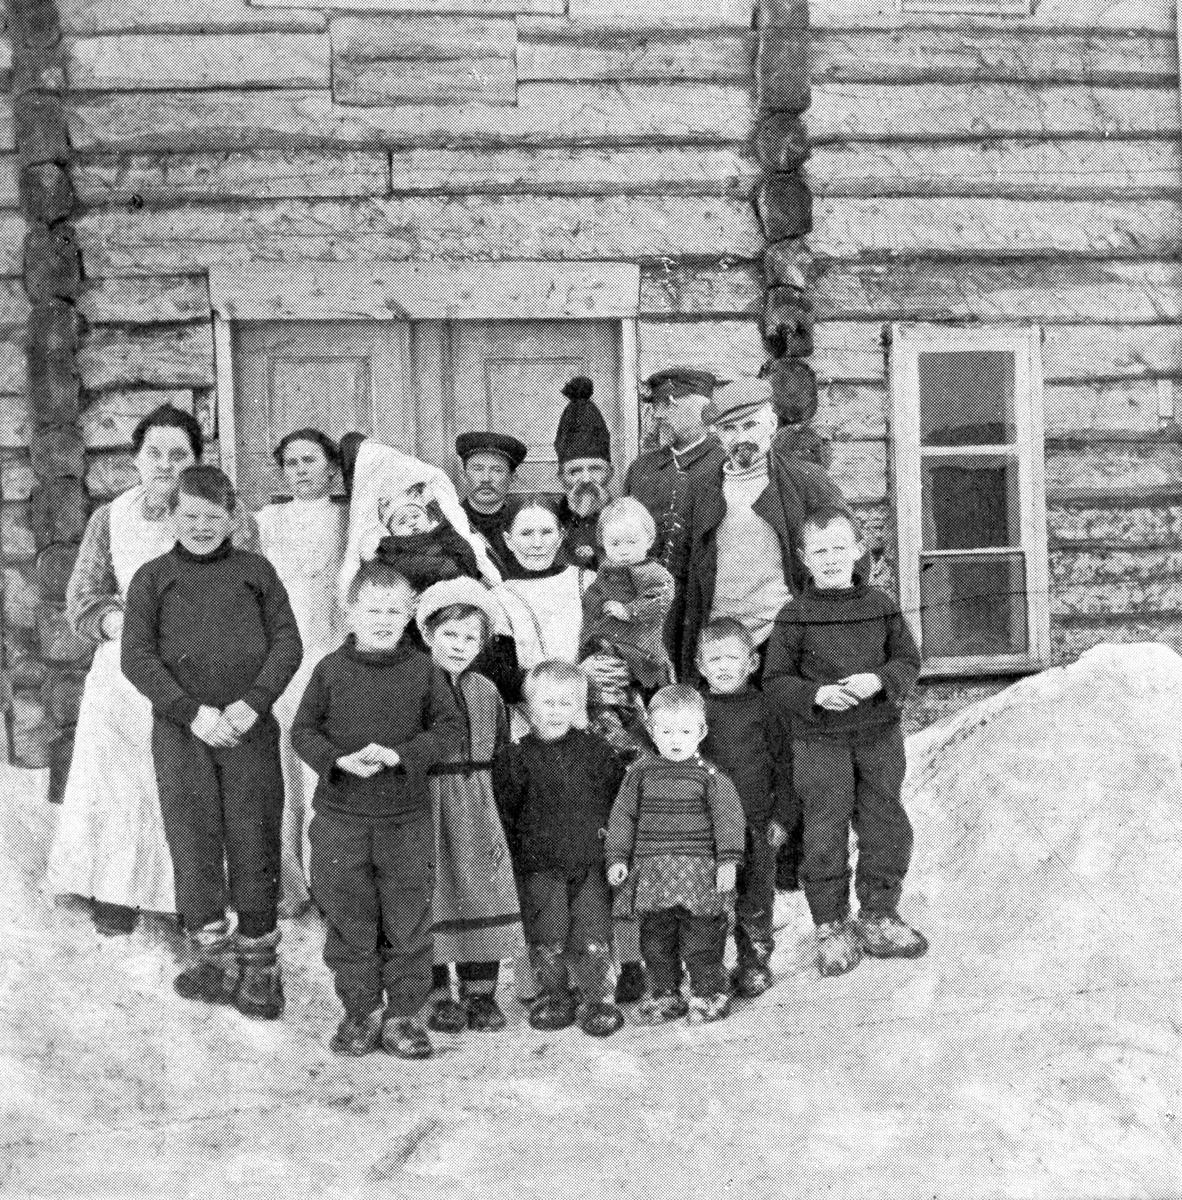 Barn og voksne, avbildet ved inngangspartiet til en stor tømmerbygning. Et lite barn i komse